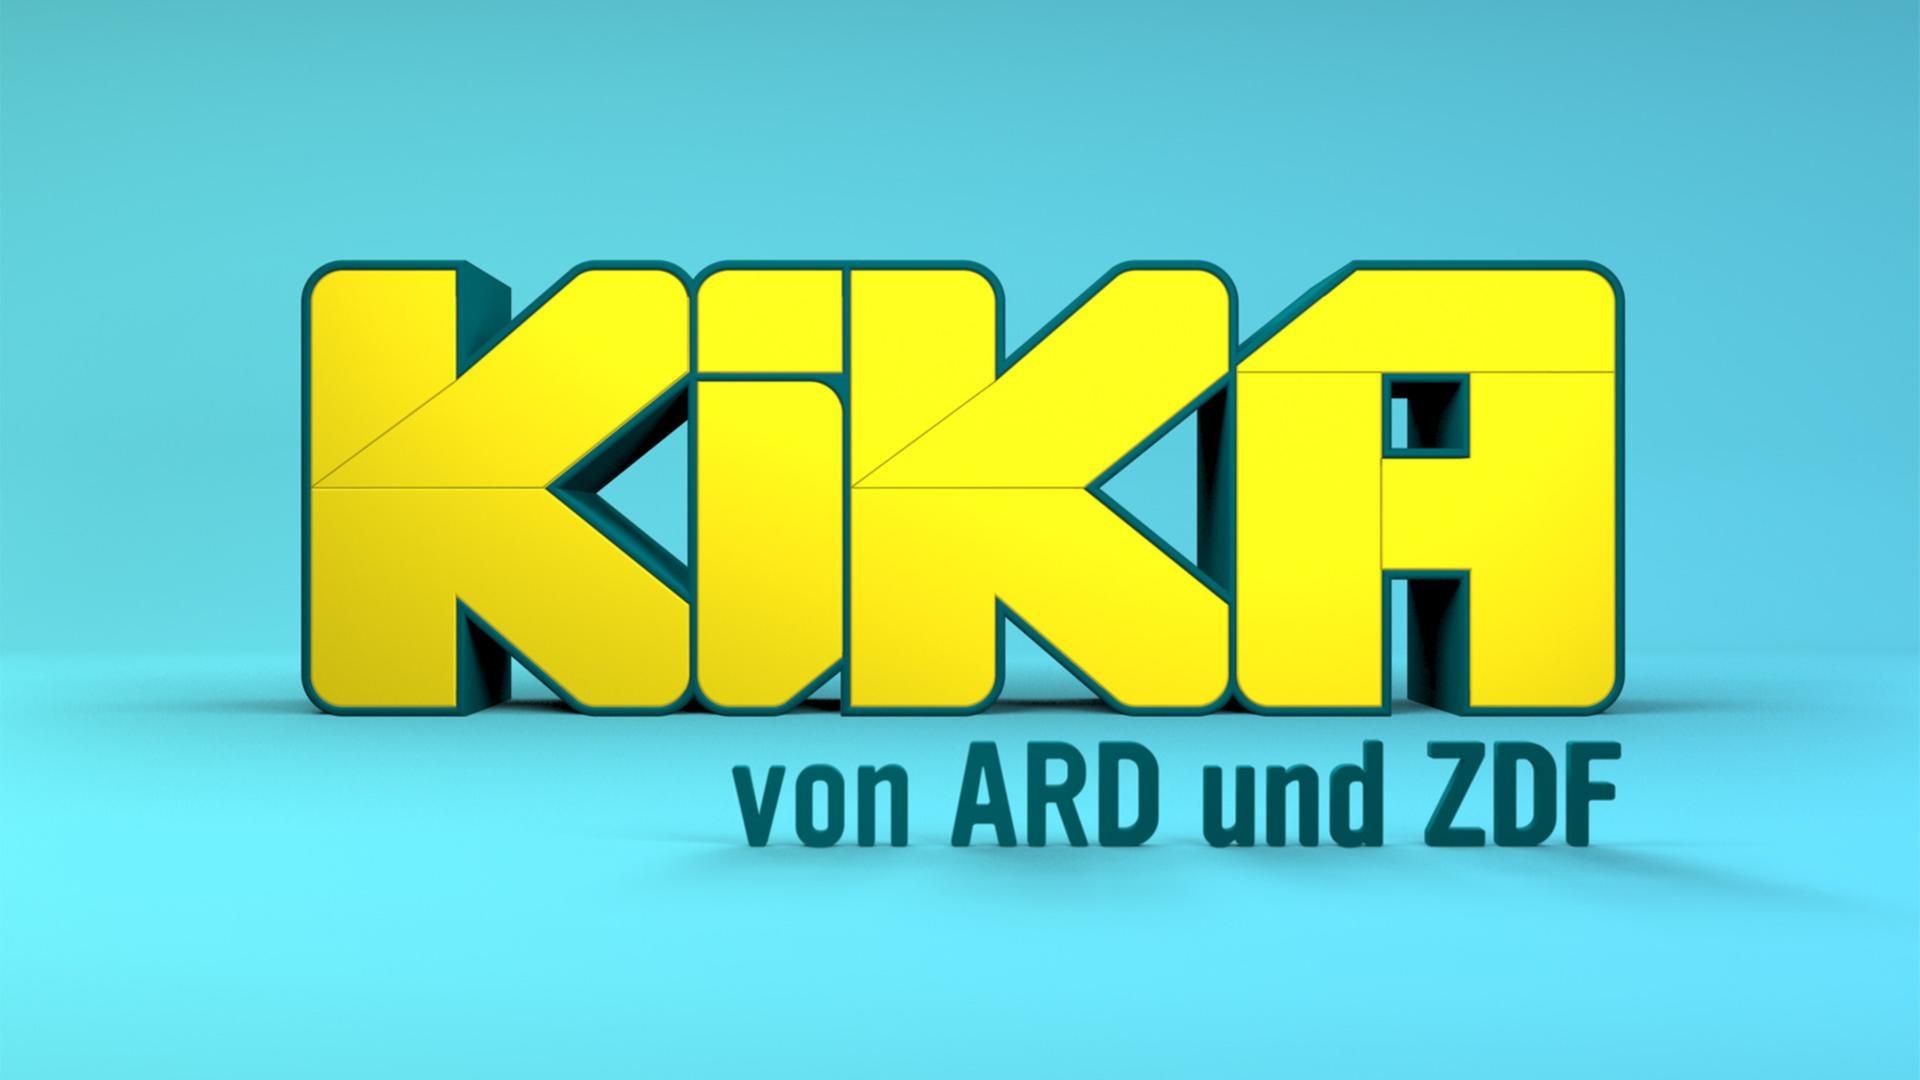 www.kika.de gewinnspiel